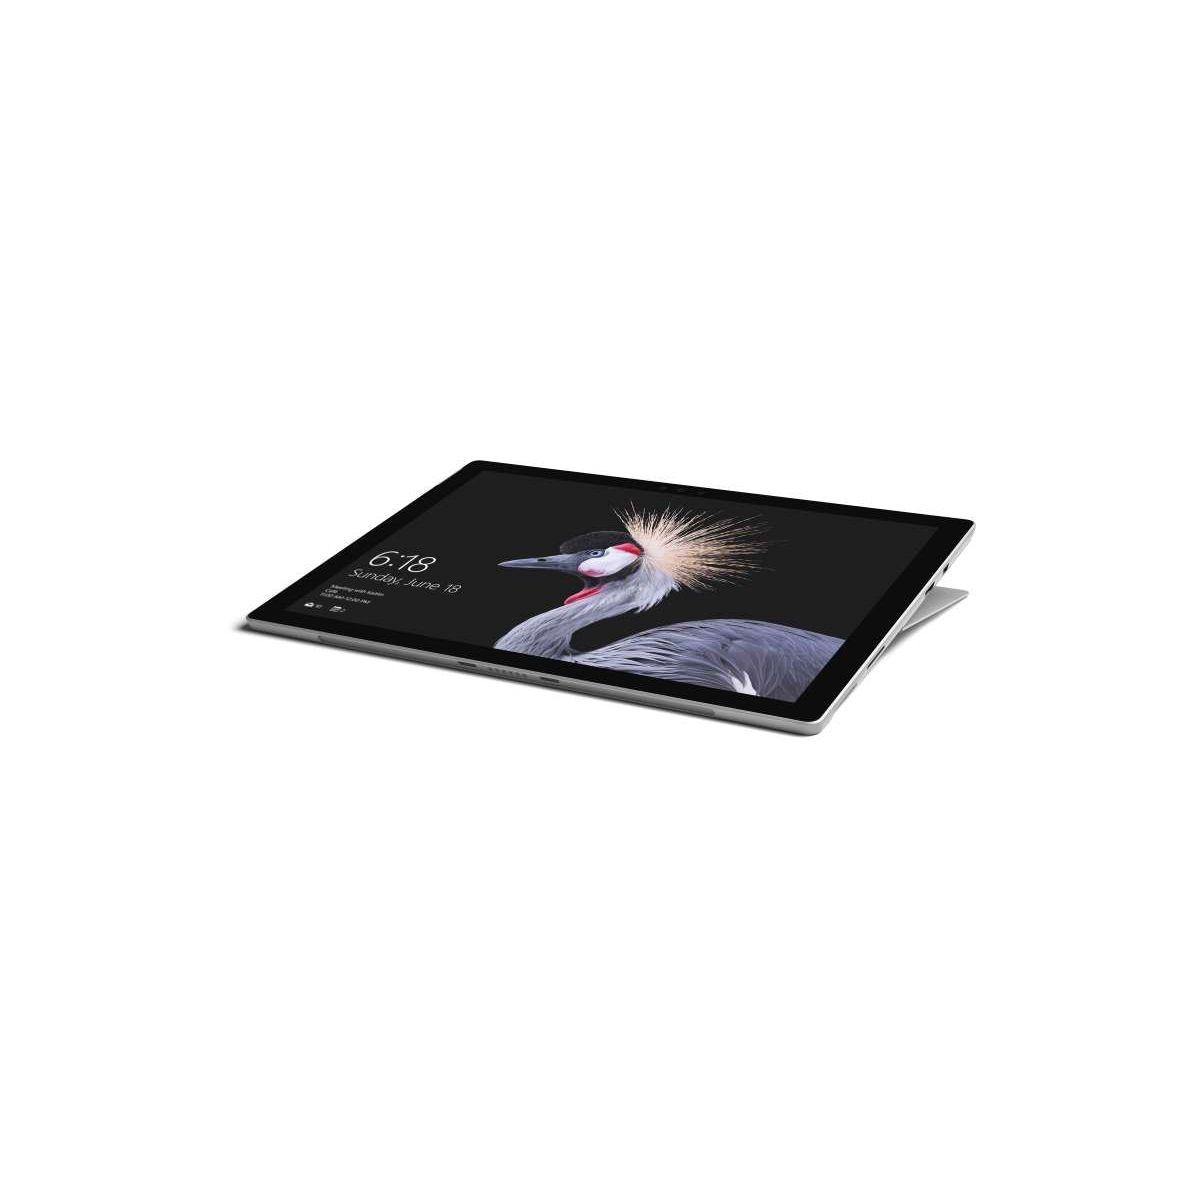 Ordi MICROSOFT New Surface Pro i5 4Go 12